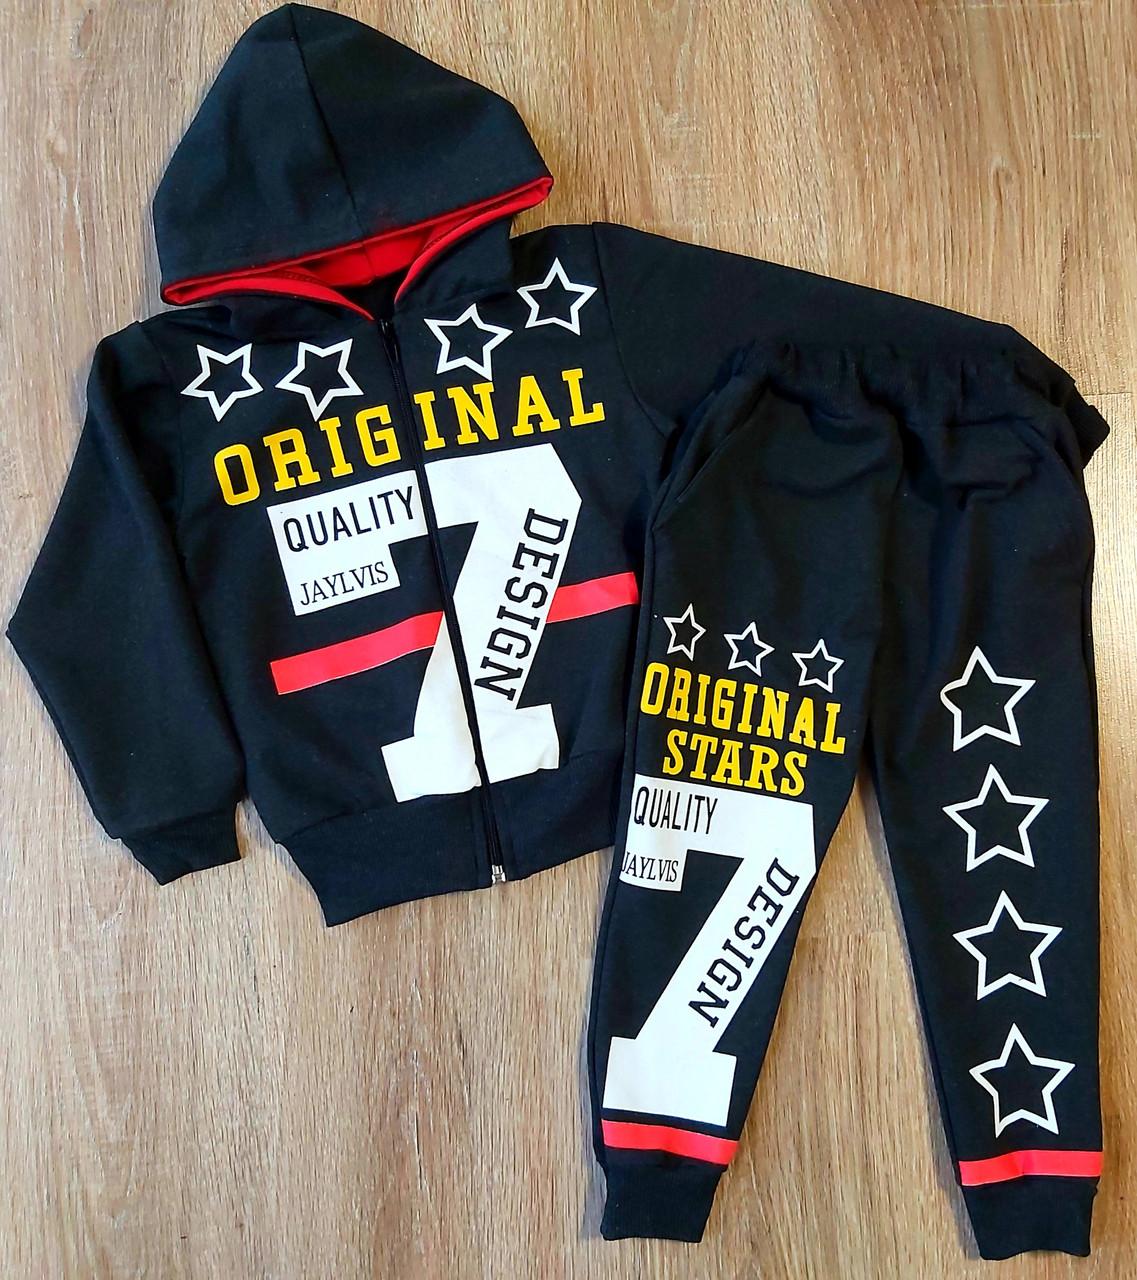 Детский стильный спортивный костюм ORIGINAL -7 из двунити размеры 28,30,32,34 и 36